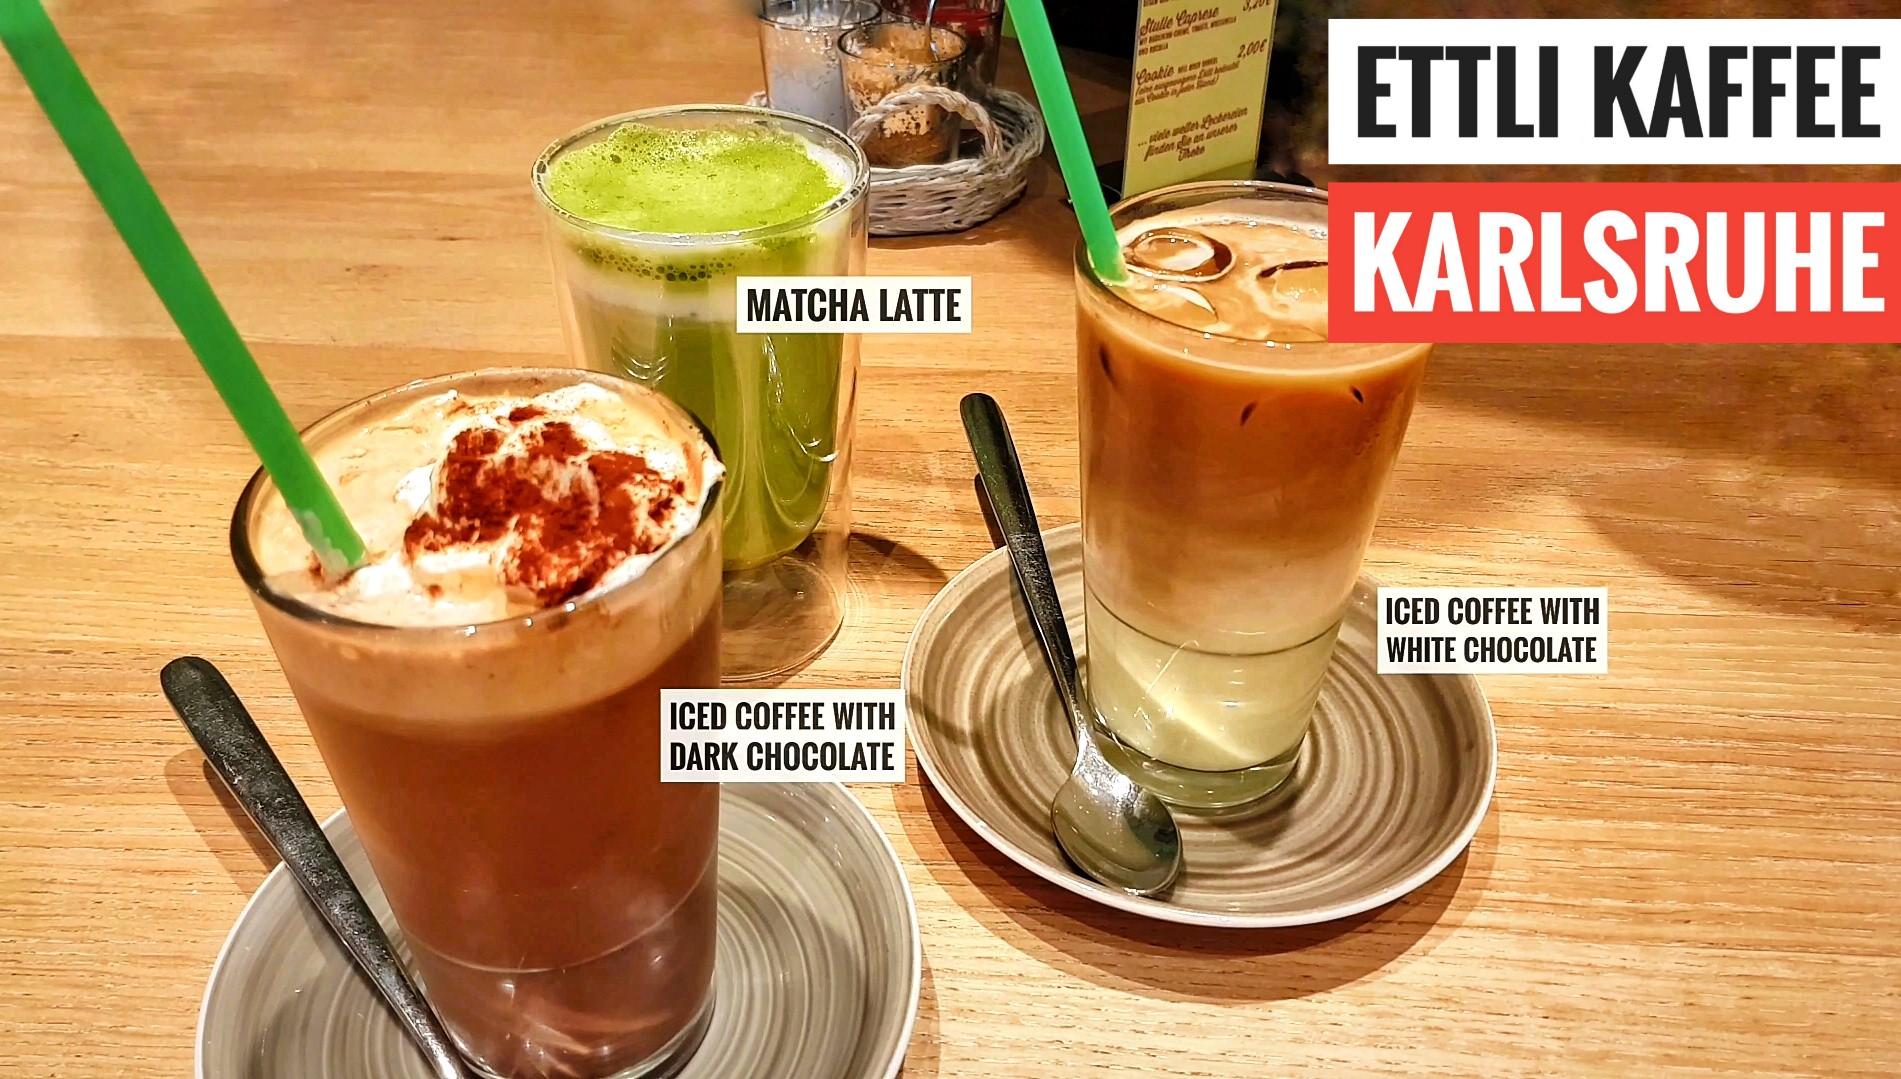 Cafe Ettli Karlsruhe